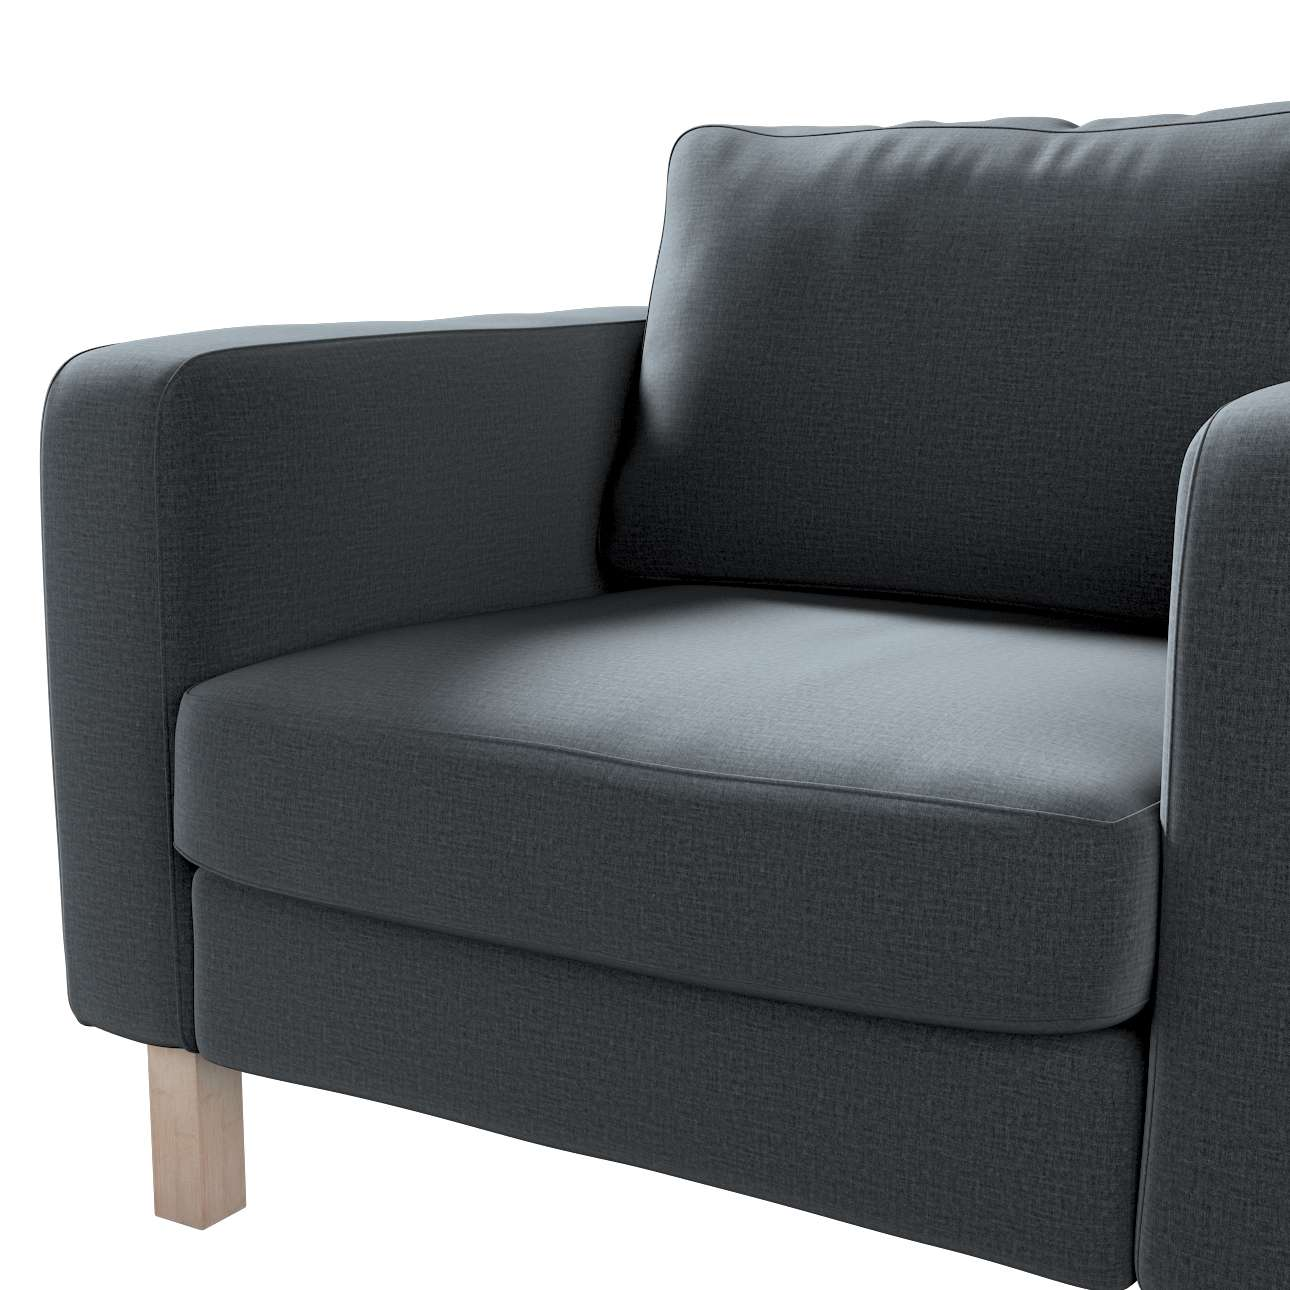 Karlstad päällinen nojatuoli mallistosta Ingrid, Kangas: 705-43